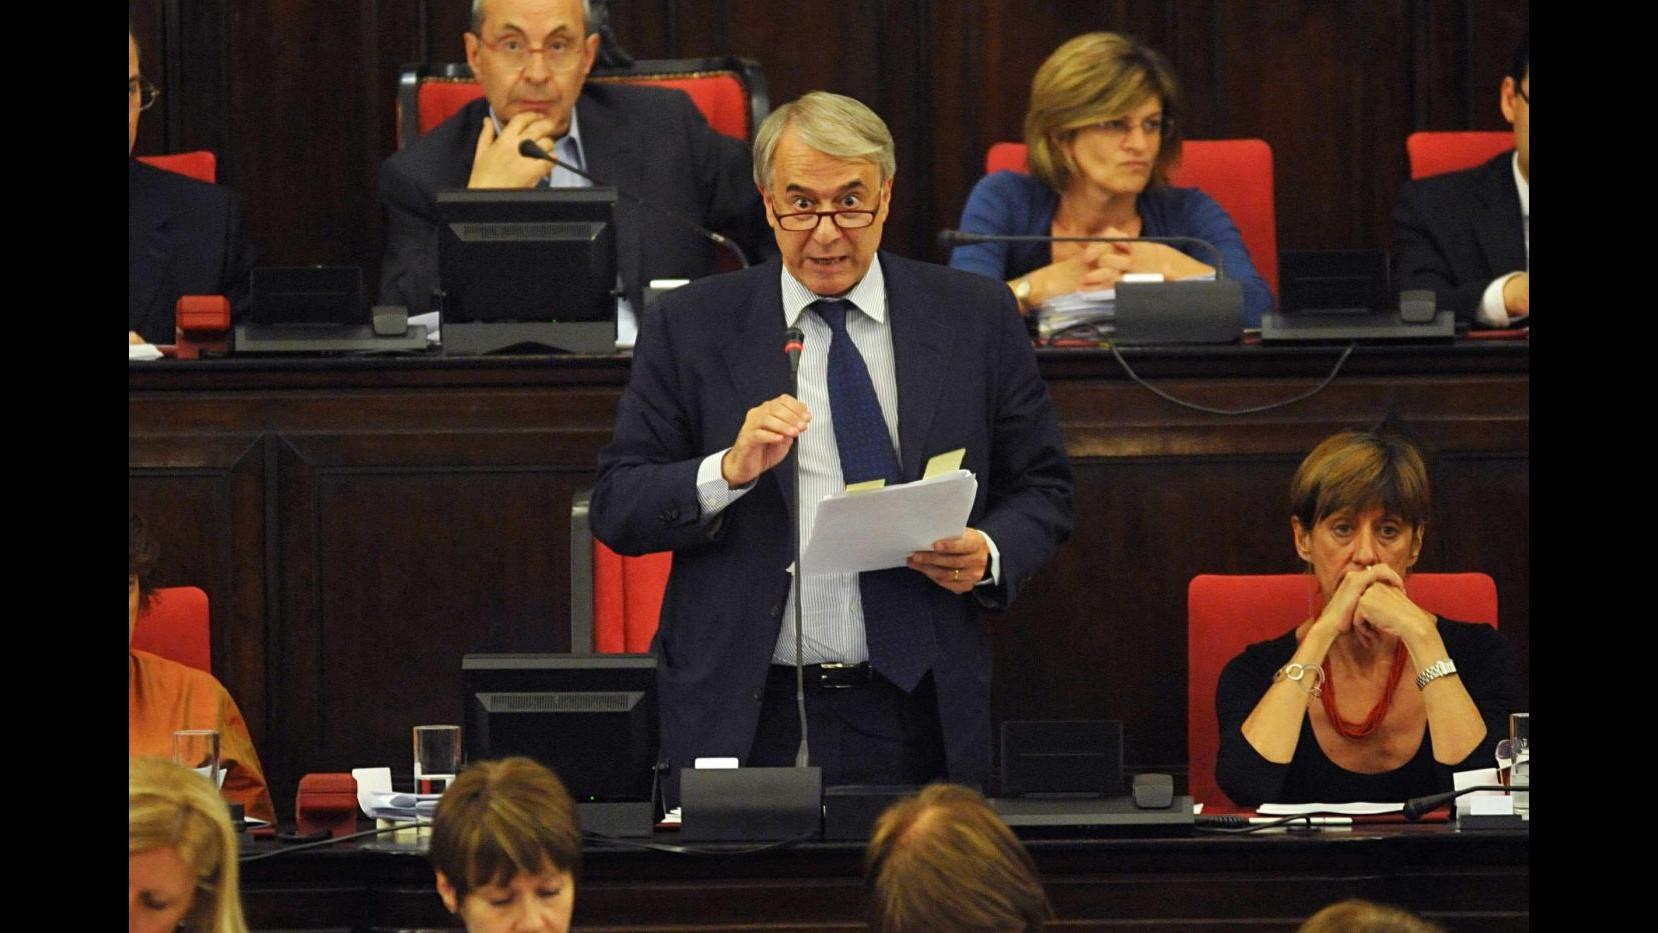 Comune Milano, Pisapia: Moratti mente, c'è buco di 186 milioni di euro